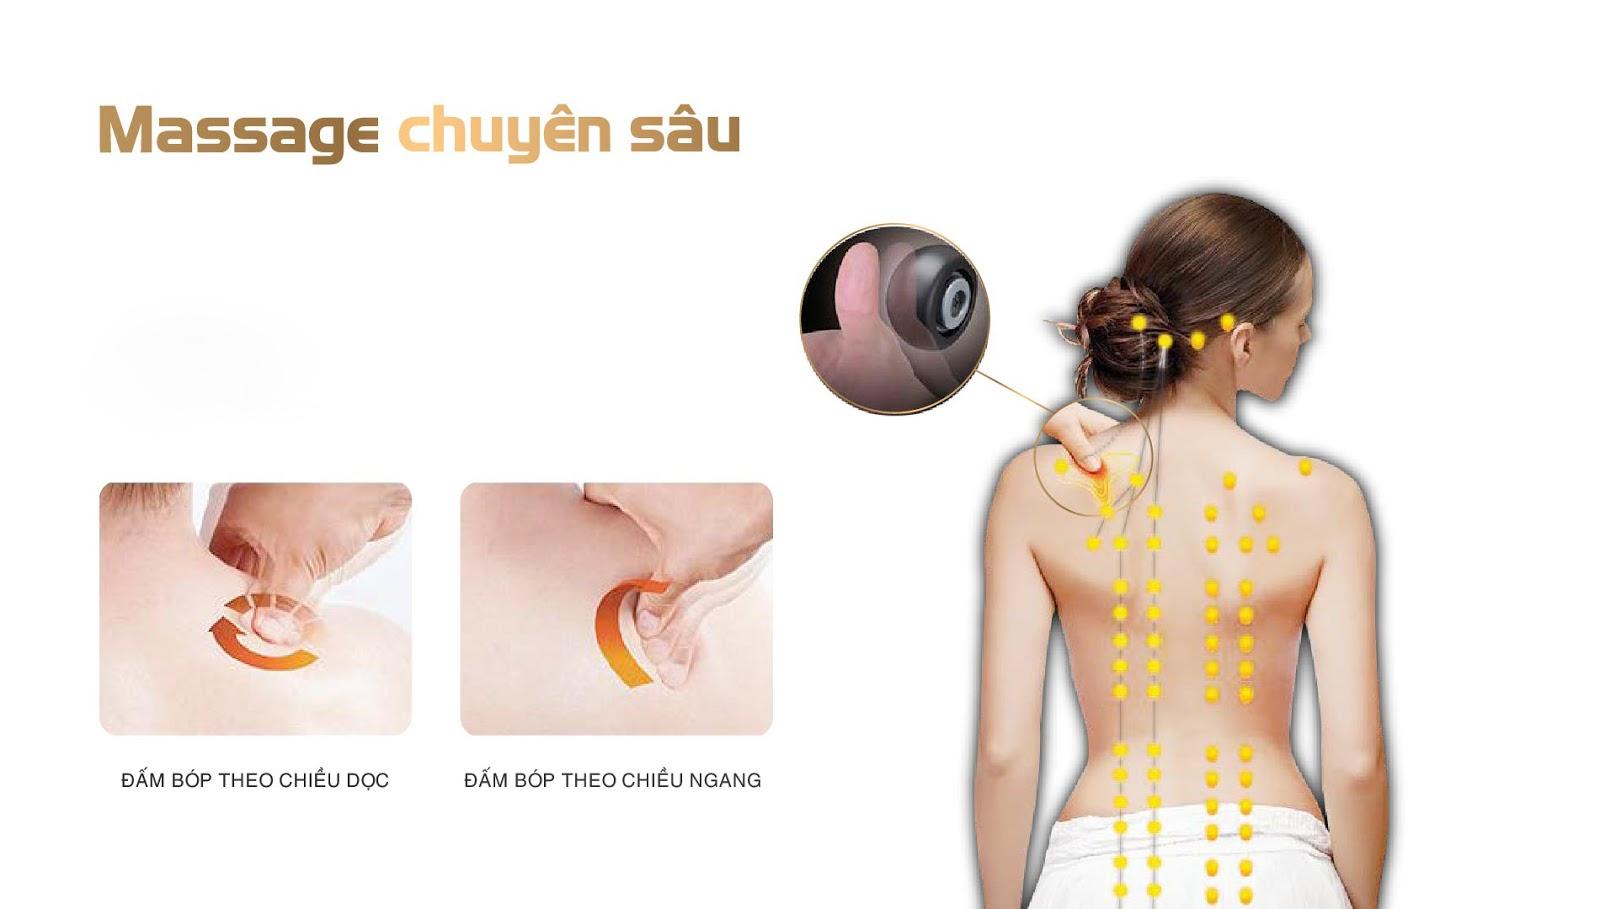 Ghế massage lưng tác động chính ở vùng cổ, lưng, hông